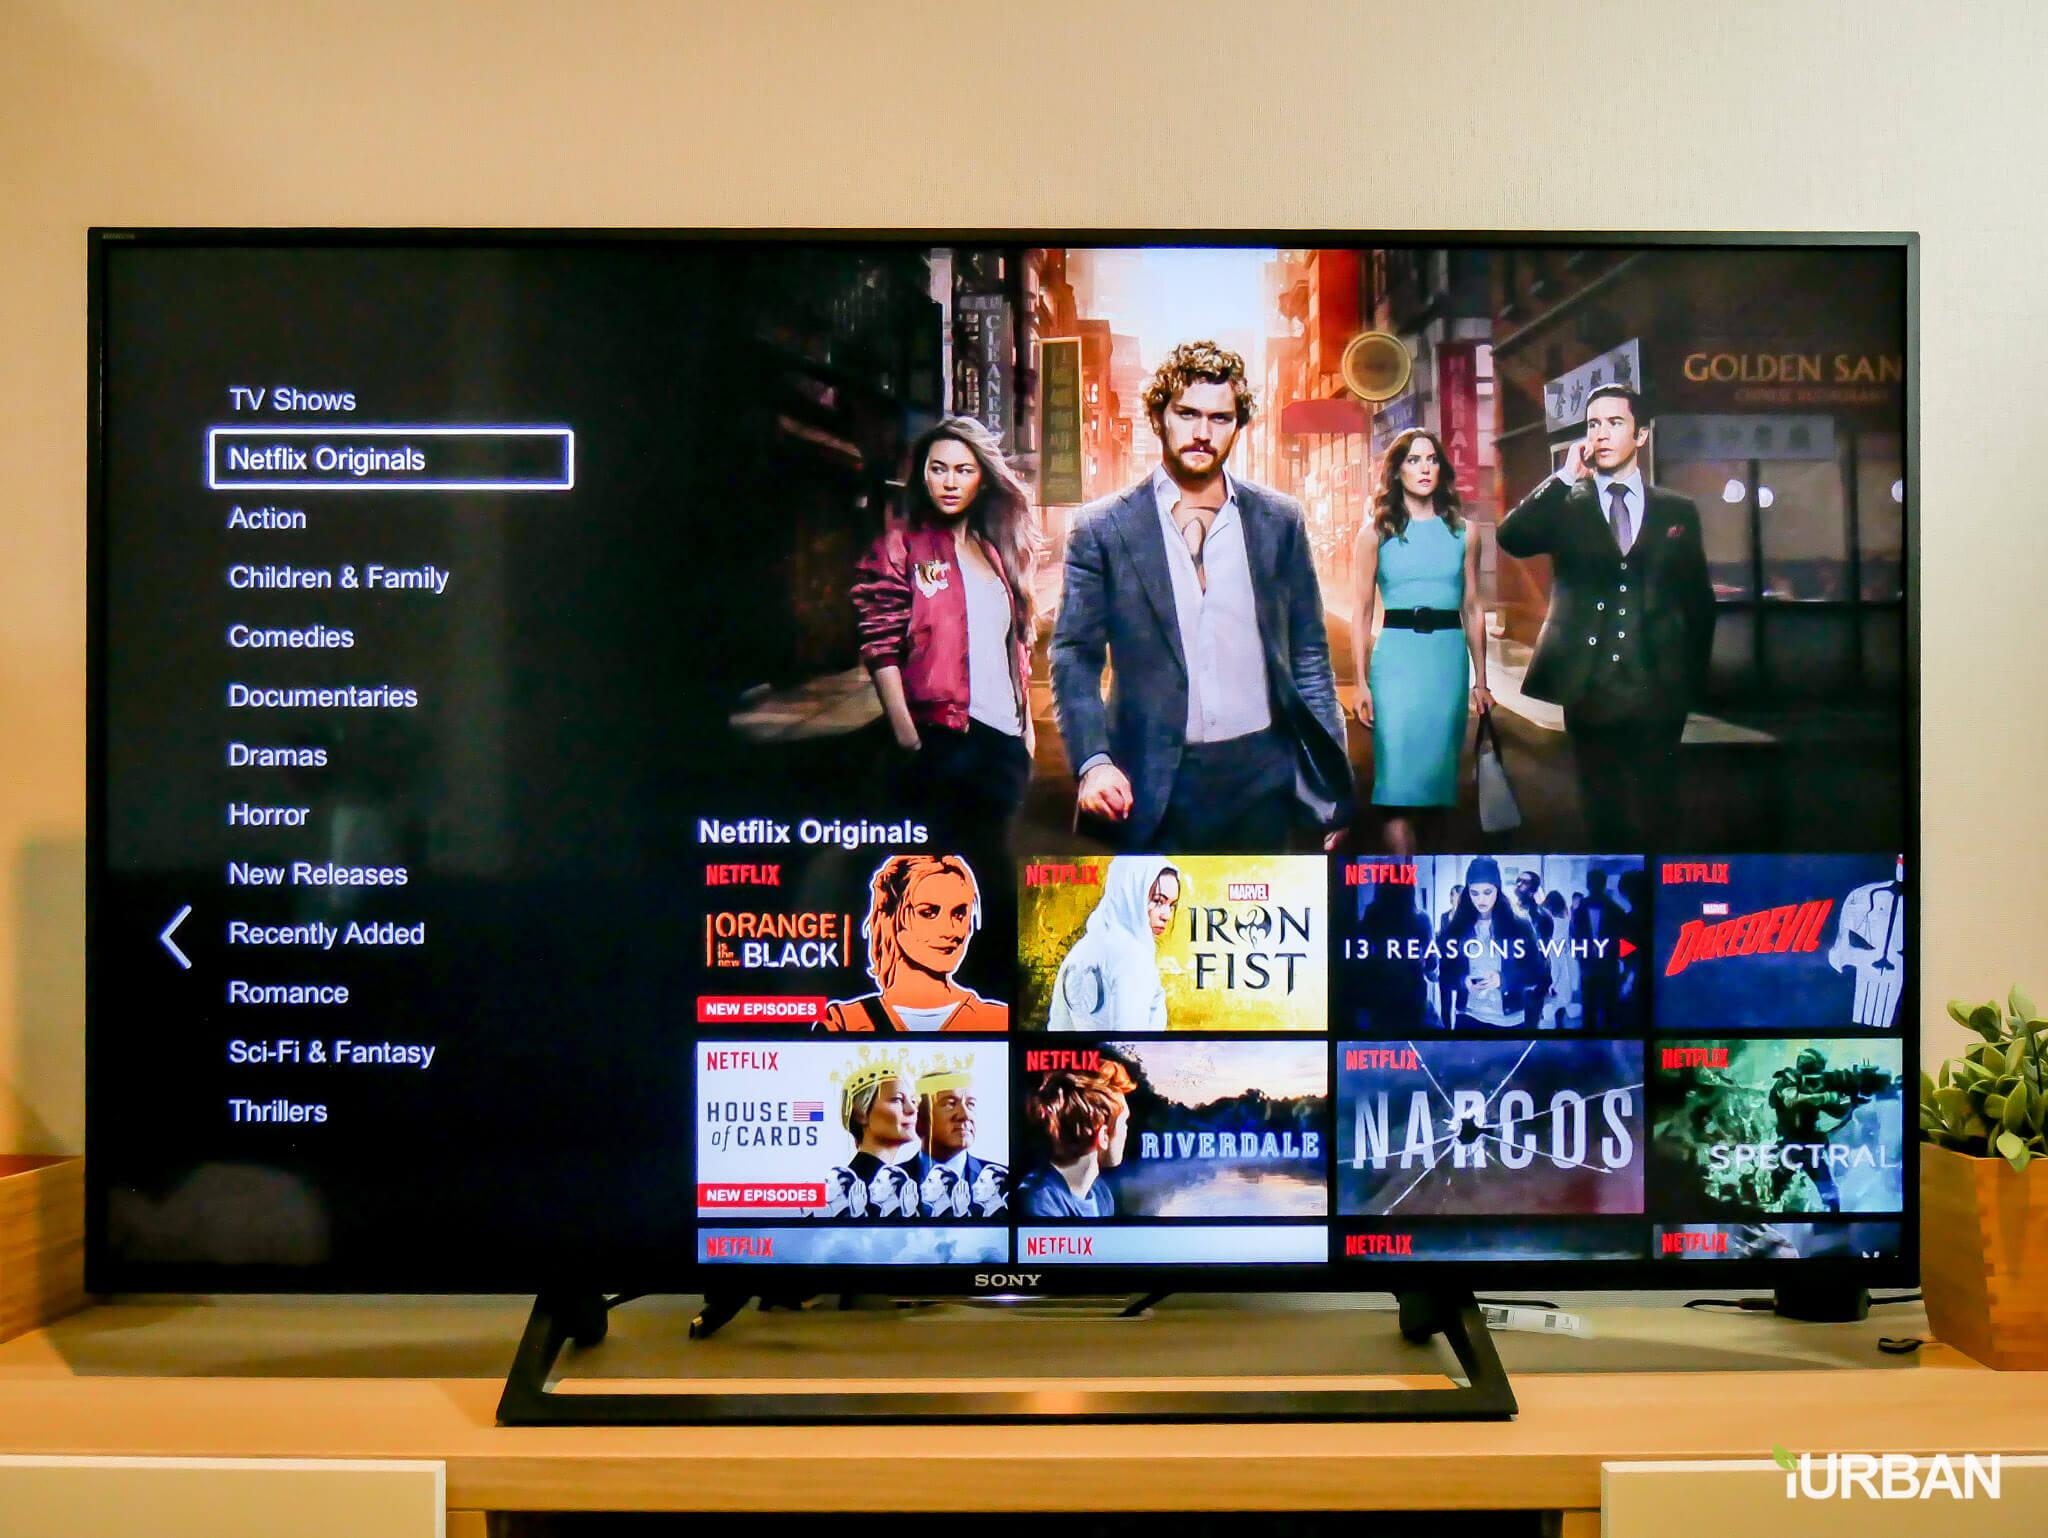 รีวิว SONY Android TV รุ่น X8000E งบ 26,990 แต่สเปค 4K HDR เชื่อมโลก Social กับทีวีอย่างสมบูรณ์แบบ 52 - Android